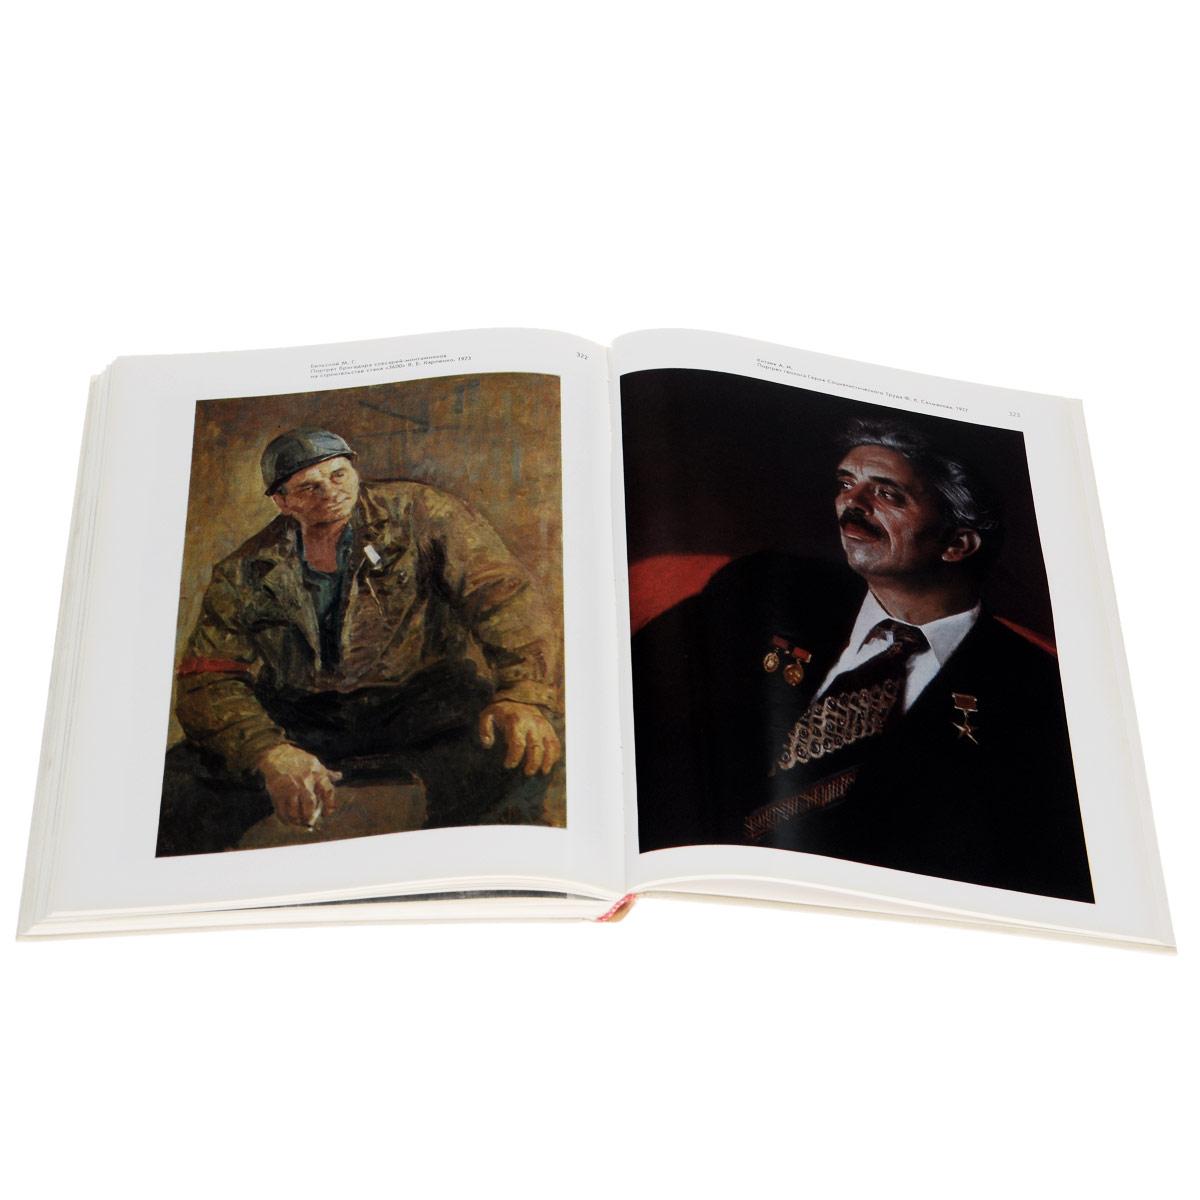 Союз искусства и труда. Люди труда в советском изобразительном искусстве